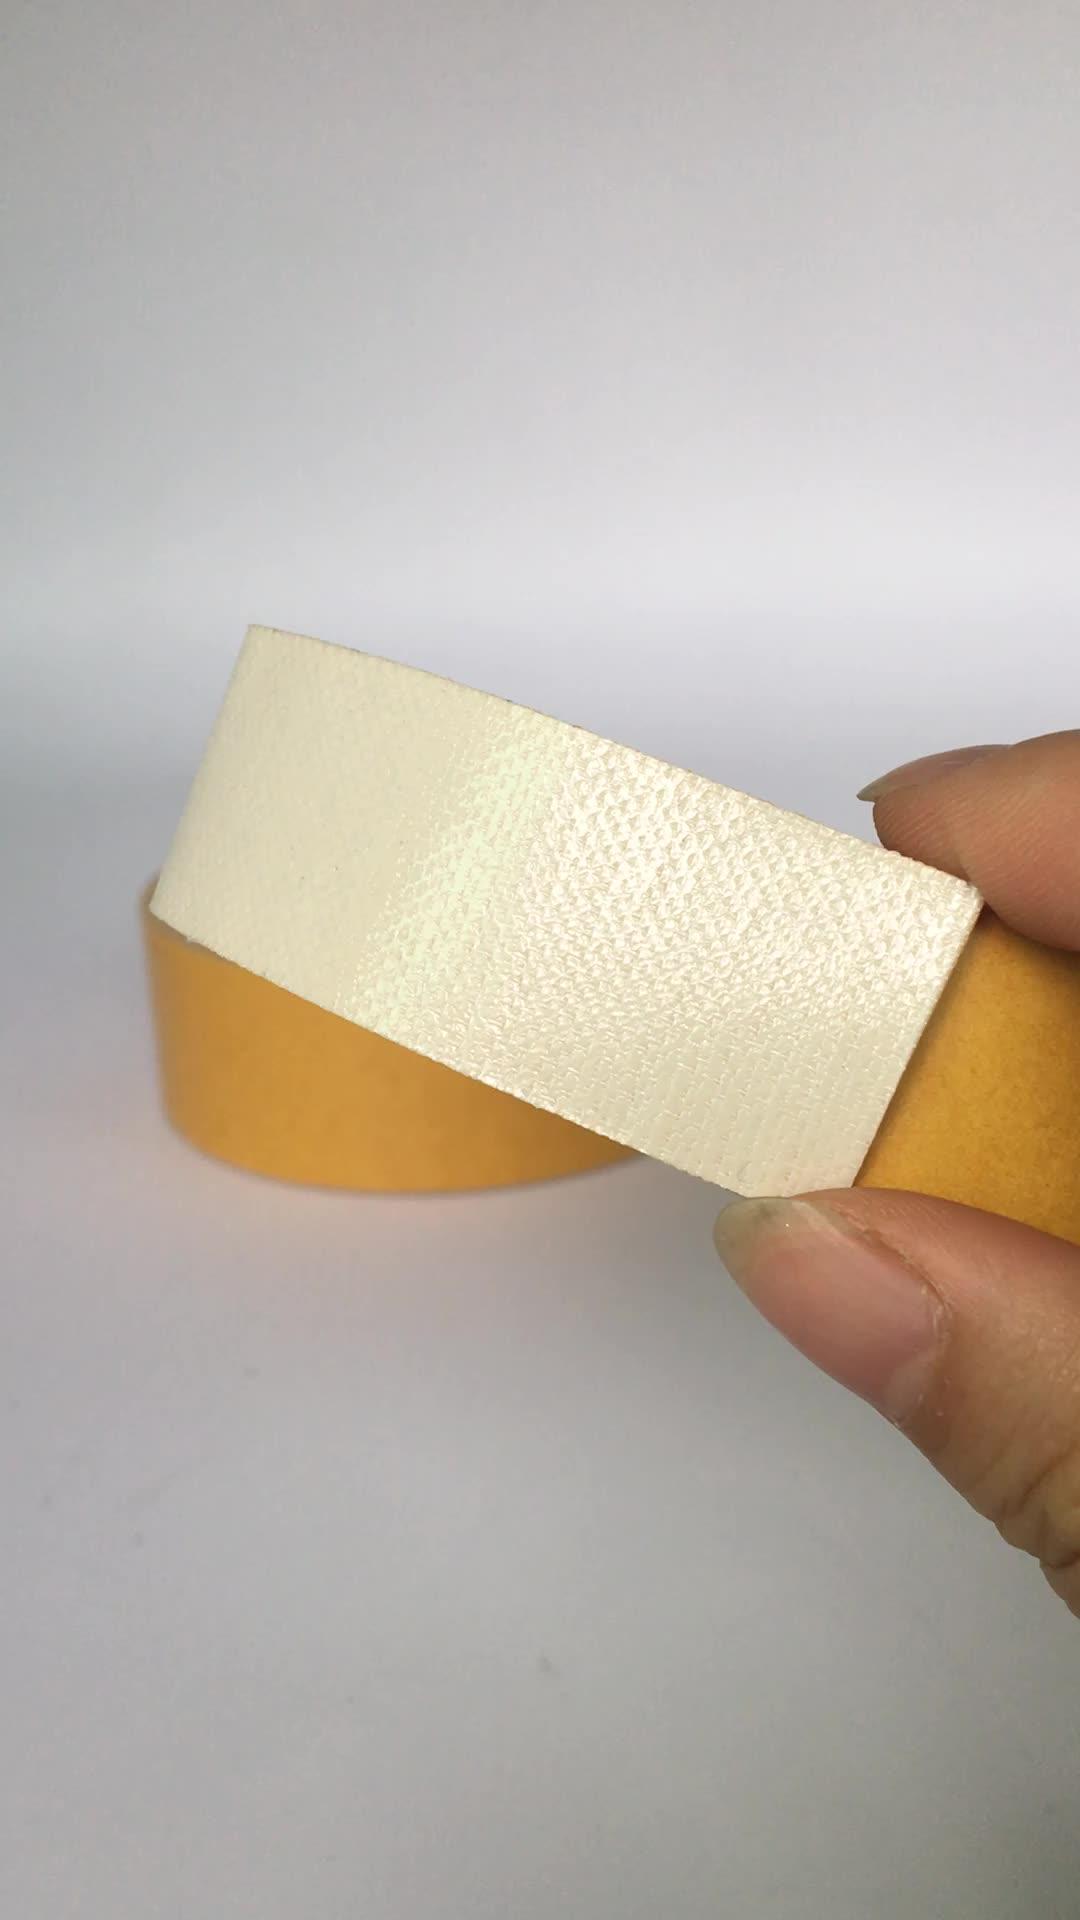 premio di qualità moquette bordo cucitura del nastro in tessuto